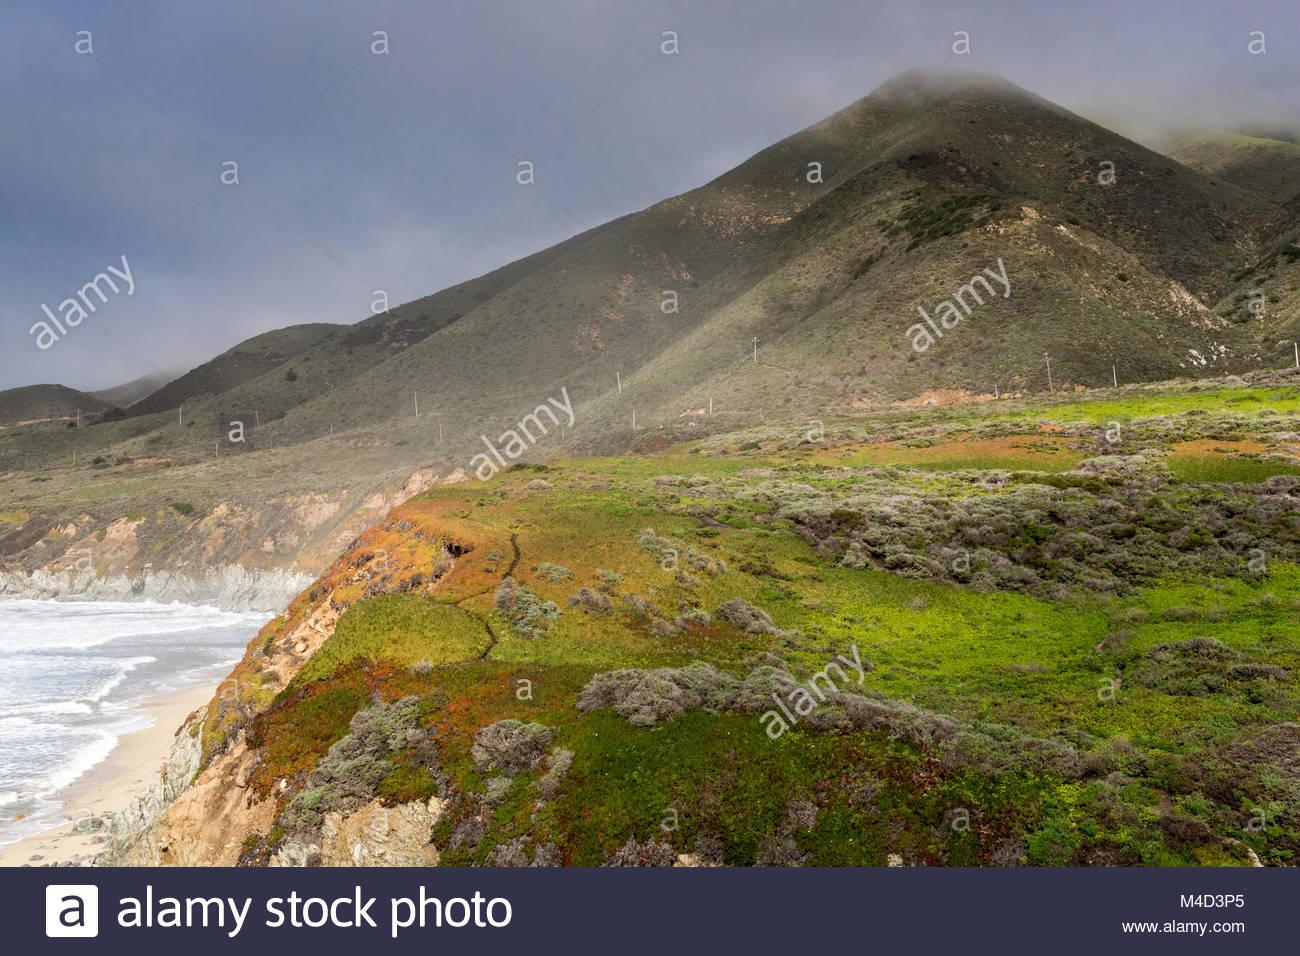 Foggy costa dell'Oceano Pacifico al punto Soberanes. Immagini Stock